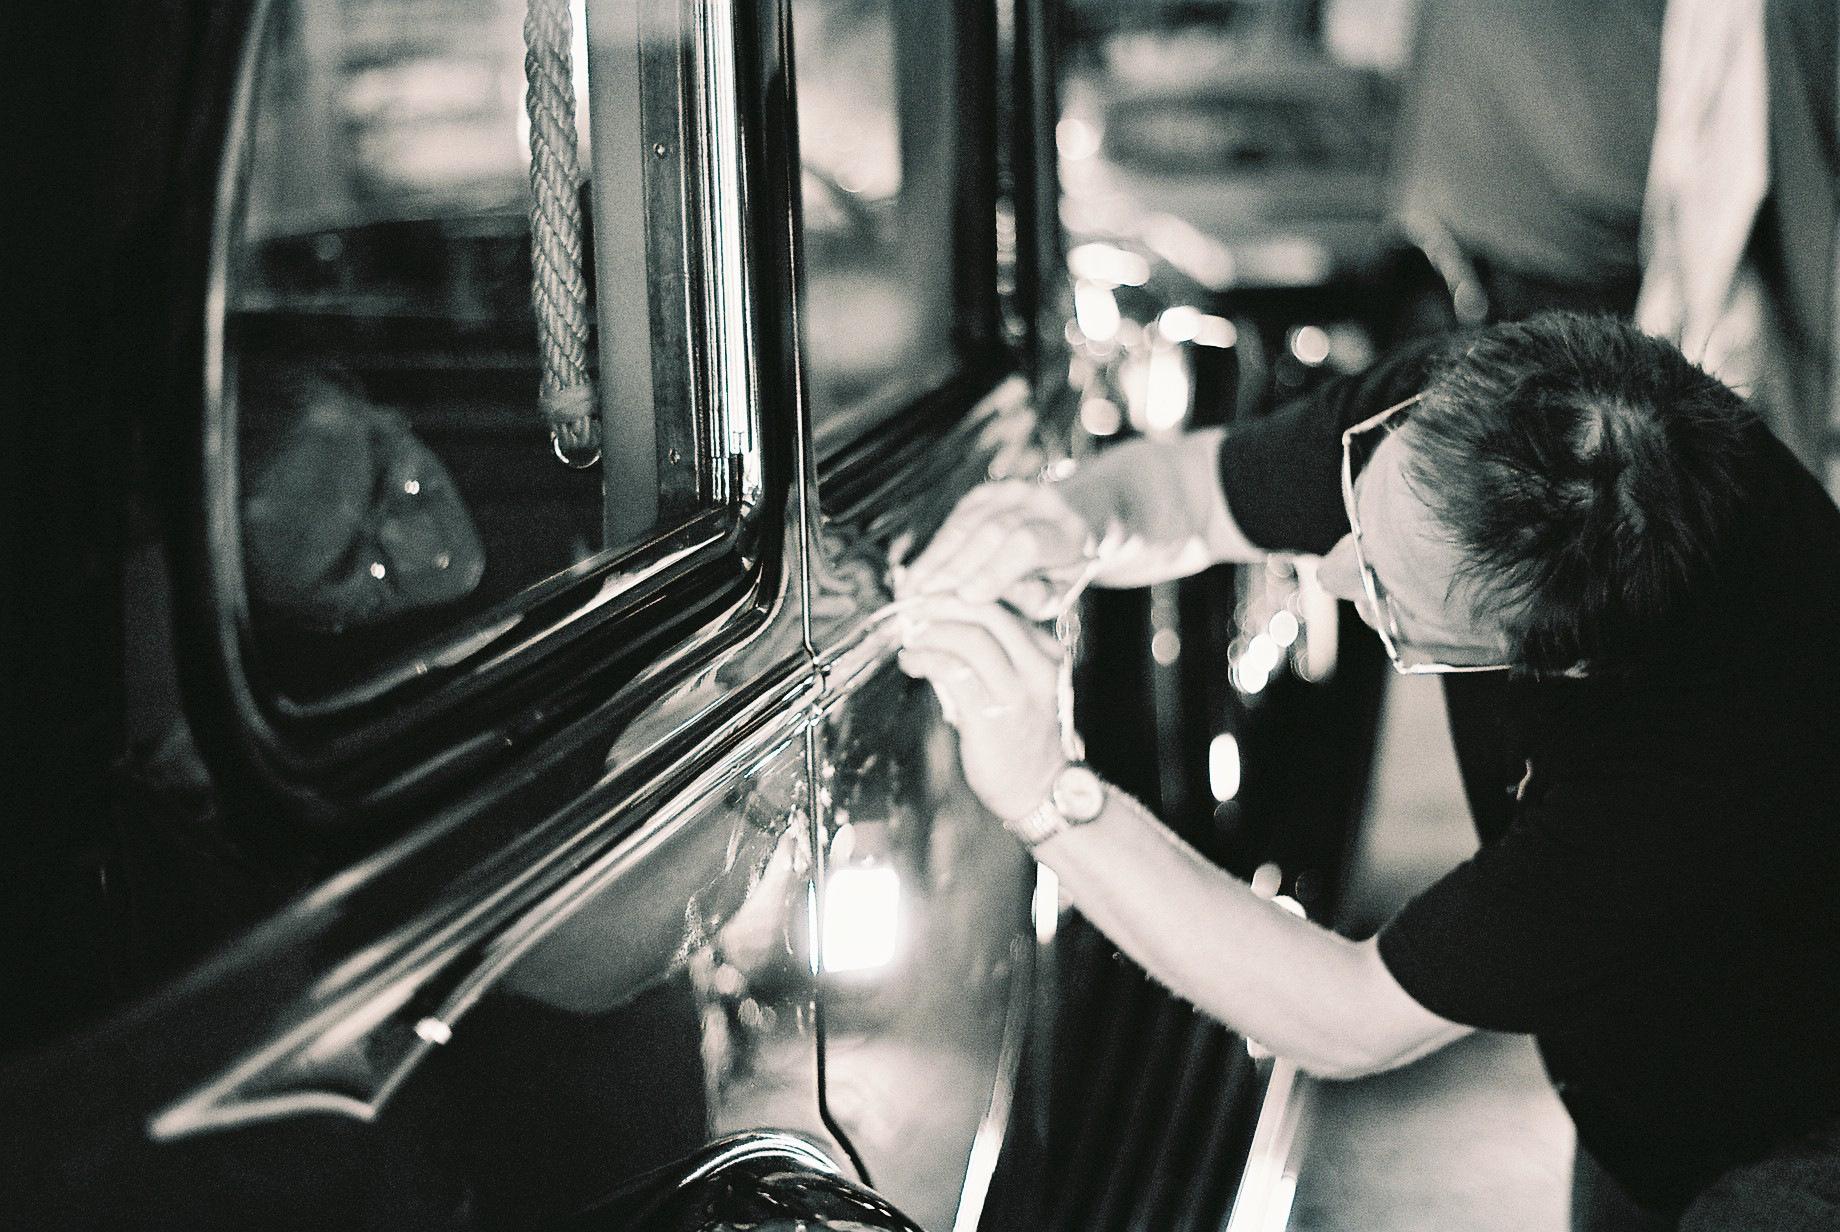 Coach Lining a Rolls Royce